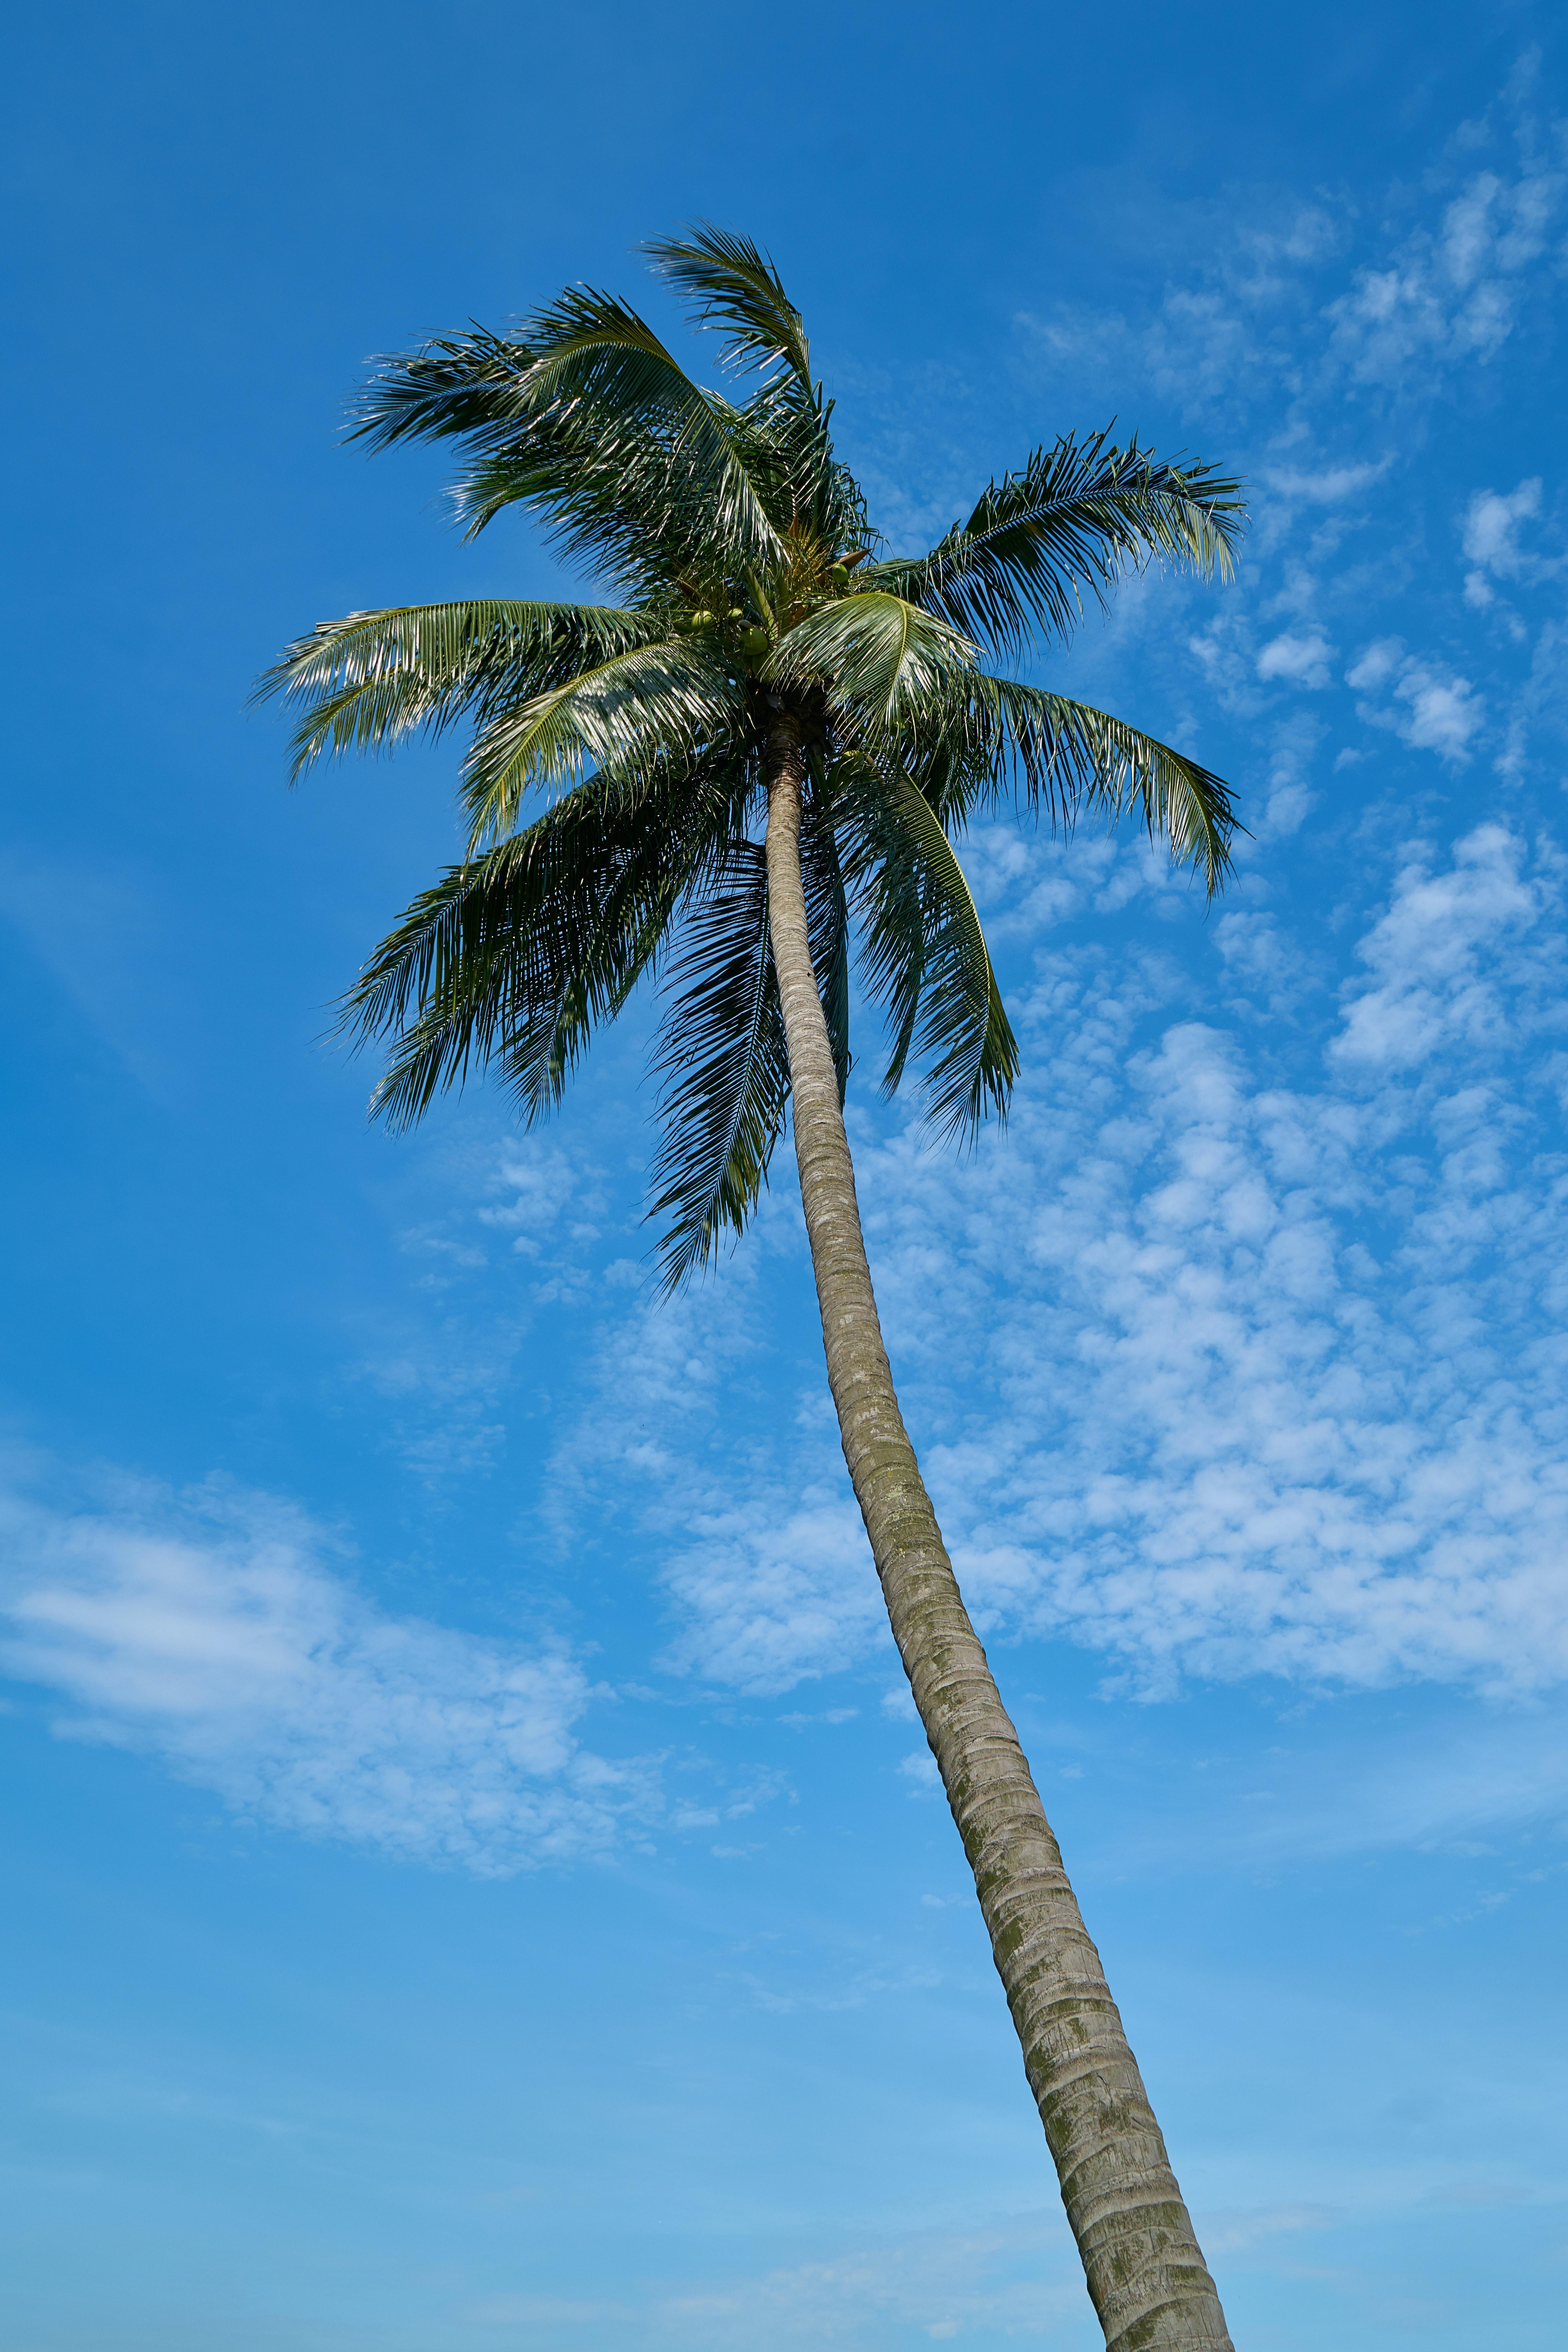 145383 免費下載壁紙 性质, 棕榈, 帕尔马, 天空, 云, 热带, 热带地区 屏保和圖片